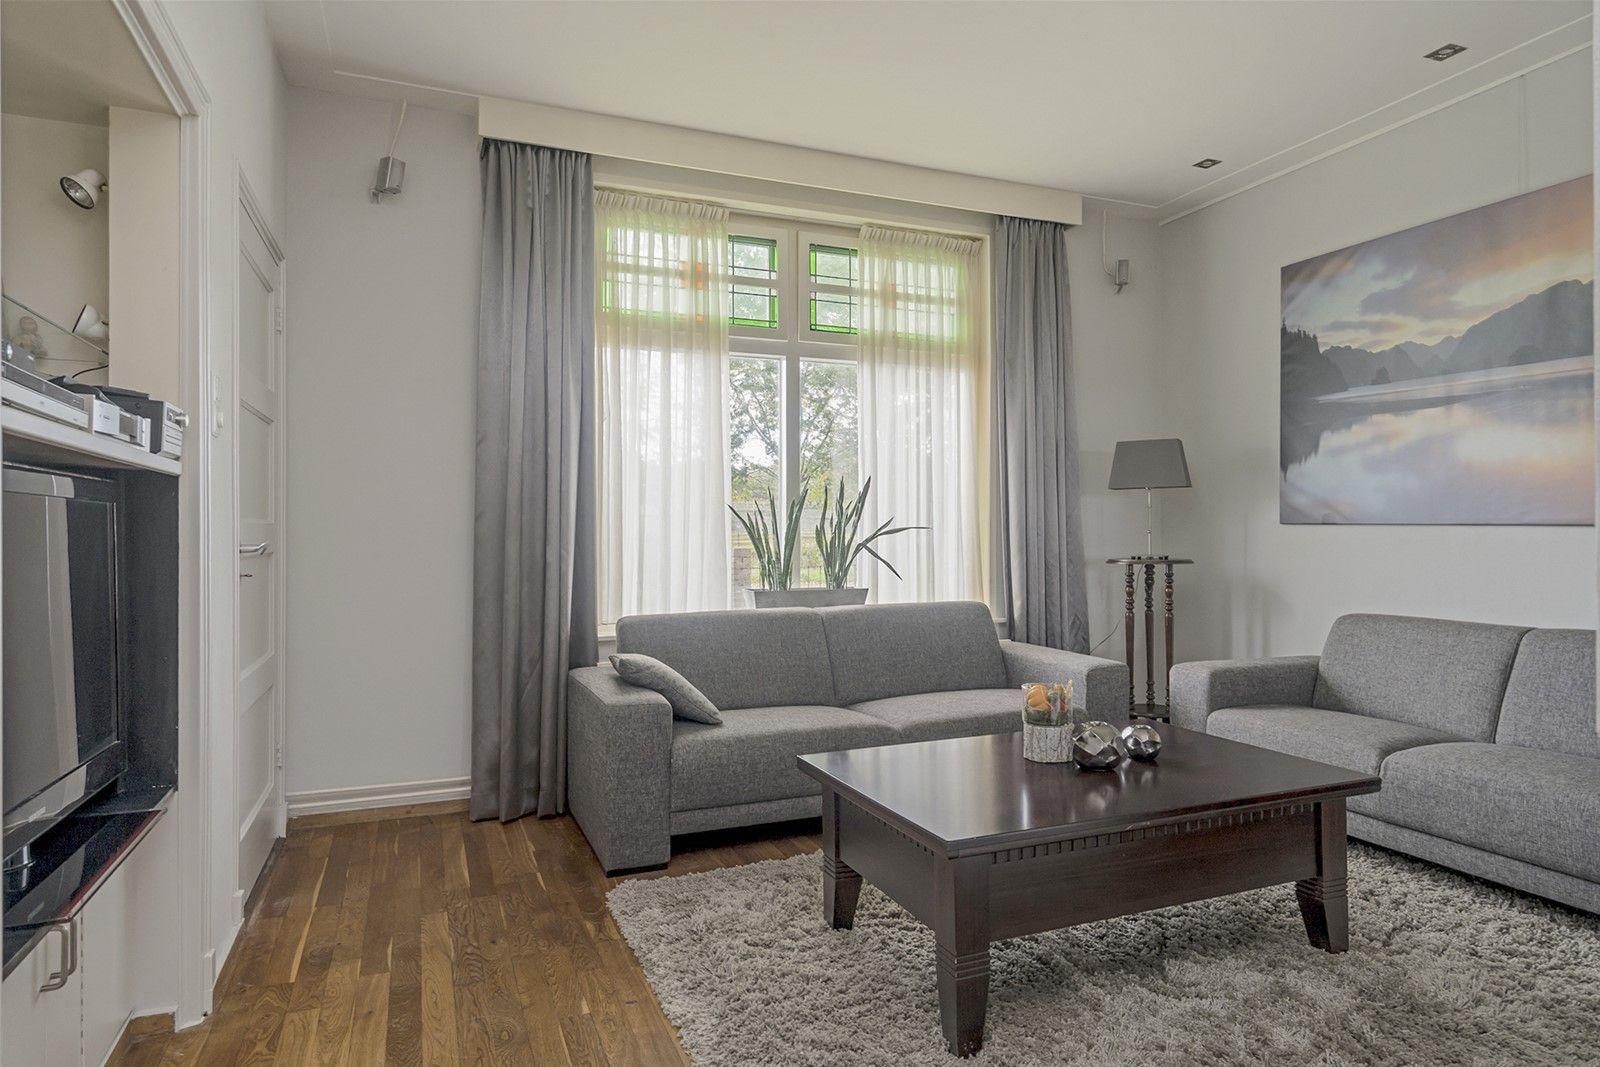 Nieuw in verkoop! Deze uitgebouwde karakteristieke vrijstaande woning met aangebouwde garage, carport en kantoorruimte/berging is rustig gelegen tussen Etten-Leur en Prinsenbeek. Aan de achterzijde heeft u vrij uitzicht over de uitgestrekte landerijen en binnen 15 autominuten bent u in het bruisende stadscentrum van Breda.  Bent u voornemens om beroep/praktijk aan huis te starten? De kantoorruimte/berging is te bereiken via een achterom aan de linkerzijde van de woning. Aan de voorzijde is er volop parkeermogelijkheid.  De begane grond heeft o.a. een sfeervolle living met haard, open keuken, kelder, toiletruimte en praktische bijkeuken met wasmachine– en droger aansluiting. De eerste verdieping heeft drie slaapkamers en een luxe en moderne badkamer (2017). Via een vaste trap bereikt u de bergzolder.   Rondom de woning ligt een verzorgd aangelegde tuin waarbij de achtertuin is voorzien van een tuinhuis en diverse terrassen waarbij in alle rust - ruimte kunt genieten van het buitenleven!   BEGANE GROND Entree/hal met glas-in-lood details Deze ruimte geeft toegang tot de living en via een vaste trap bereikt u de eerste verdieping. Afwerking- authentieke tegelvloer, Spachtelputz wanden en een stucwerk plafond. Meterkast- 8 groepen, 3 voor elektrisch koken en 2x aardlekschakelaarbeveiliging.  Kelder bereikbaar via een loopdeur in de living.  Sfeervolle living met glas-in-lood details en houtkachel. Afwerking- parketvloer, stucwerk wanden en een stucwerk plafond met inbouwspots.  Leefkeuken in U – opstelling uitgerust met een Belgisch hardstenen blad, keramische kookplaat,  spoelbak, koelkast, vrieskast, vaatwasser, combimagnetron en RVS afzuigkap. Afwerking- tegelvloer, stucwerk wanden en een stucwerk plafond met inbouwspots.  Praktische bijkeuken met opstelling van de cv combiketel (Merk- Nefit, bouwjaar- ca 1995) en wasmachine– en droger aansluiting.  Afwerking- tegelvloer, deels betegelde en deels stucwerk wanden. Het plafond is afgewerkt met  MDF platen.  EERSTE VERD